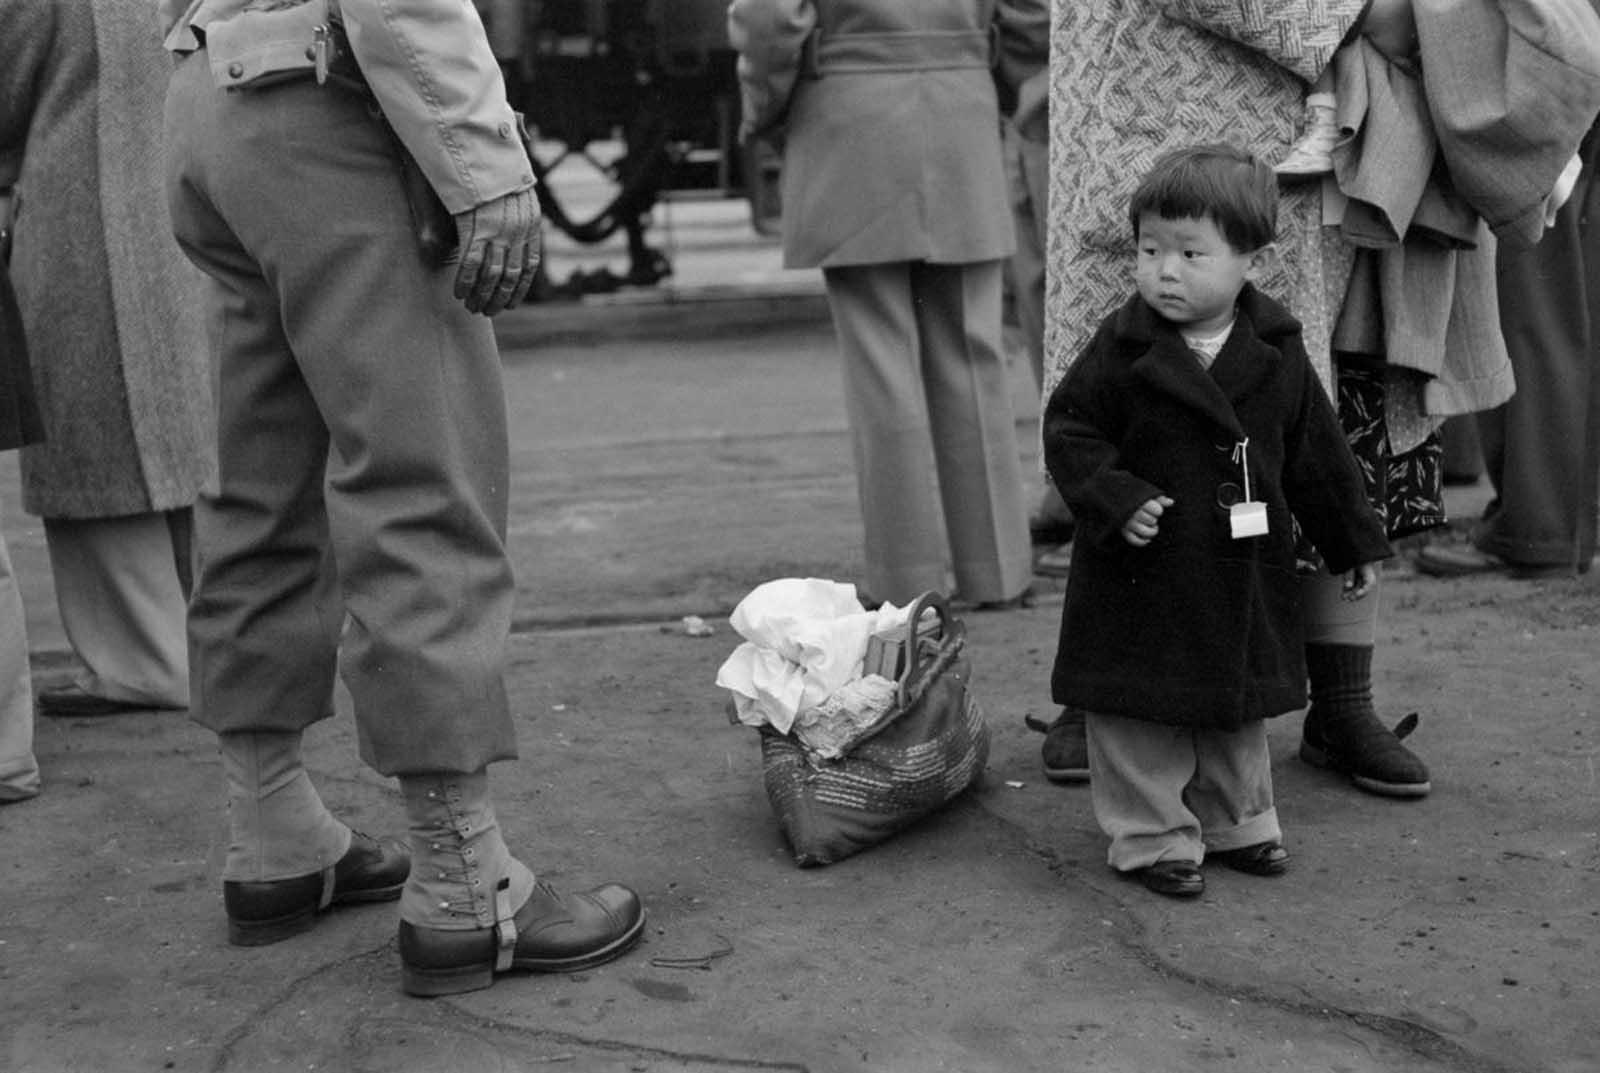 Un niño mira a un soldado mientras se reúne para la evacuación con su familia.